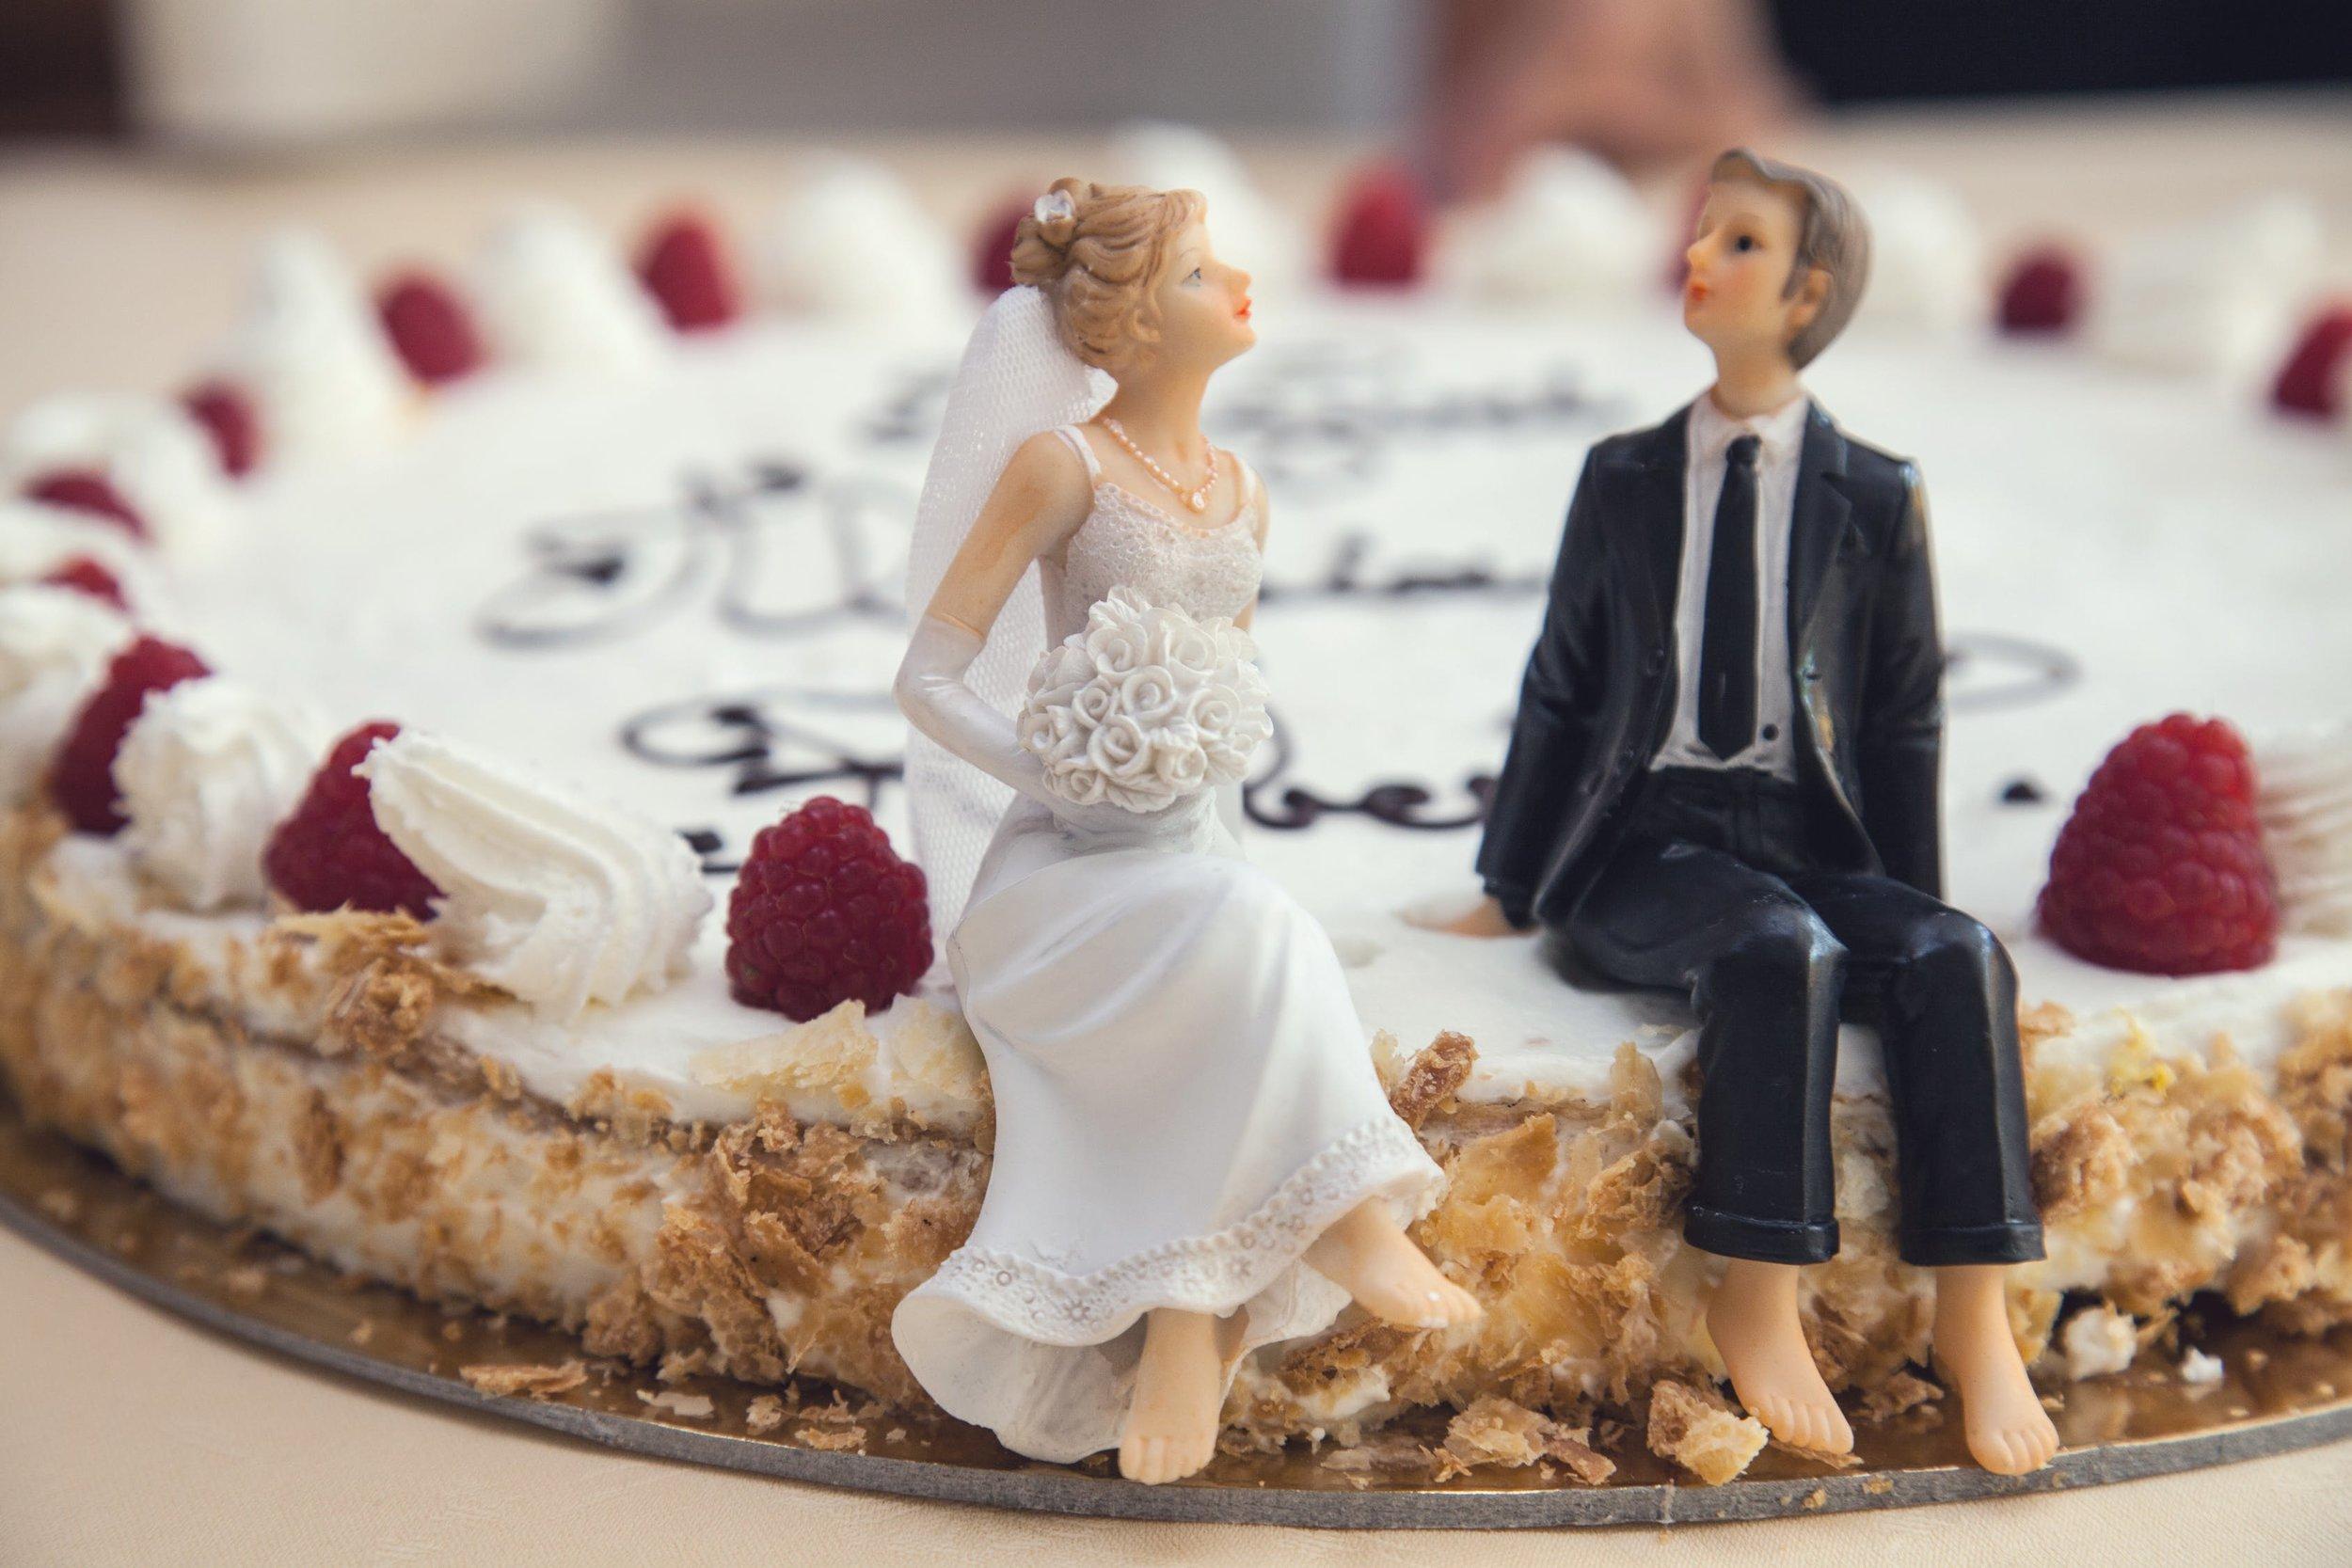 wedd cake.jpg